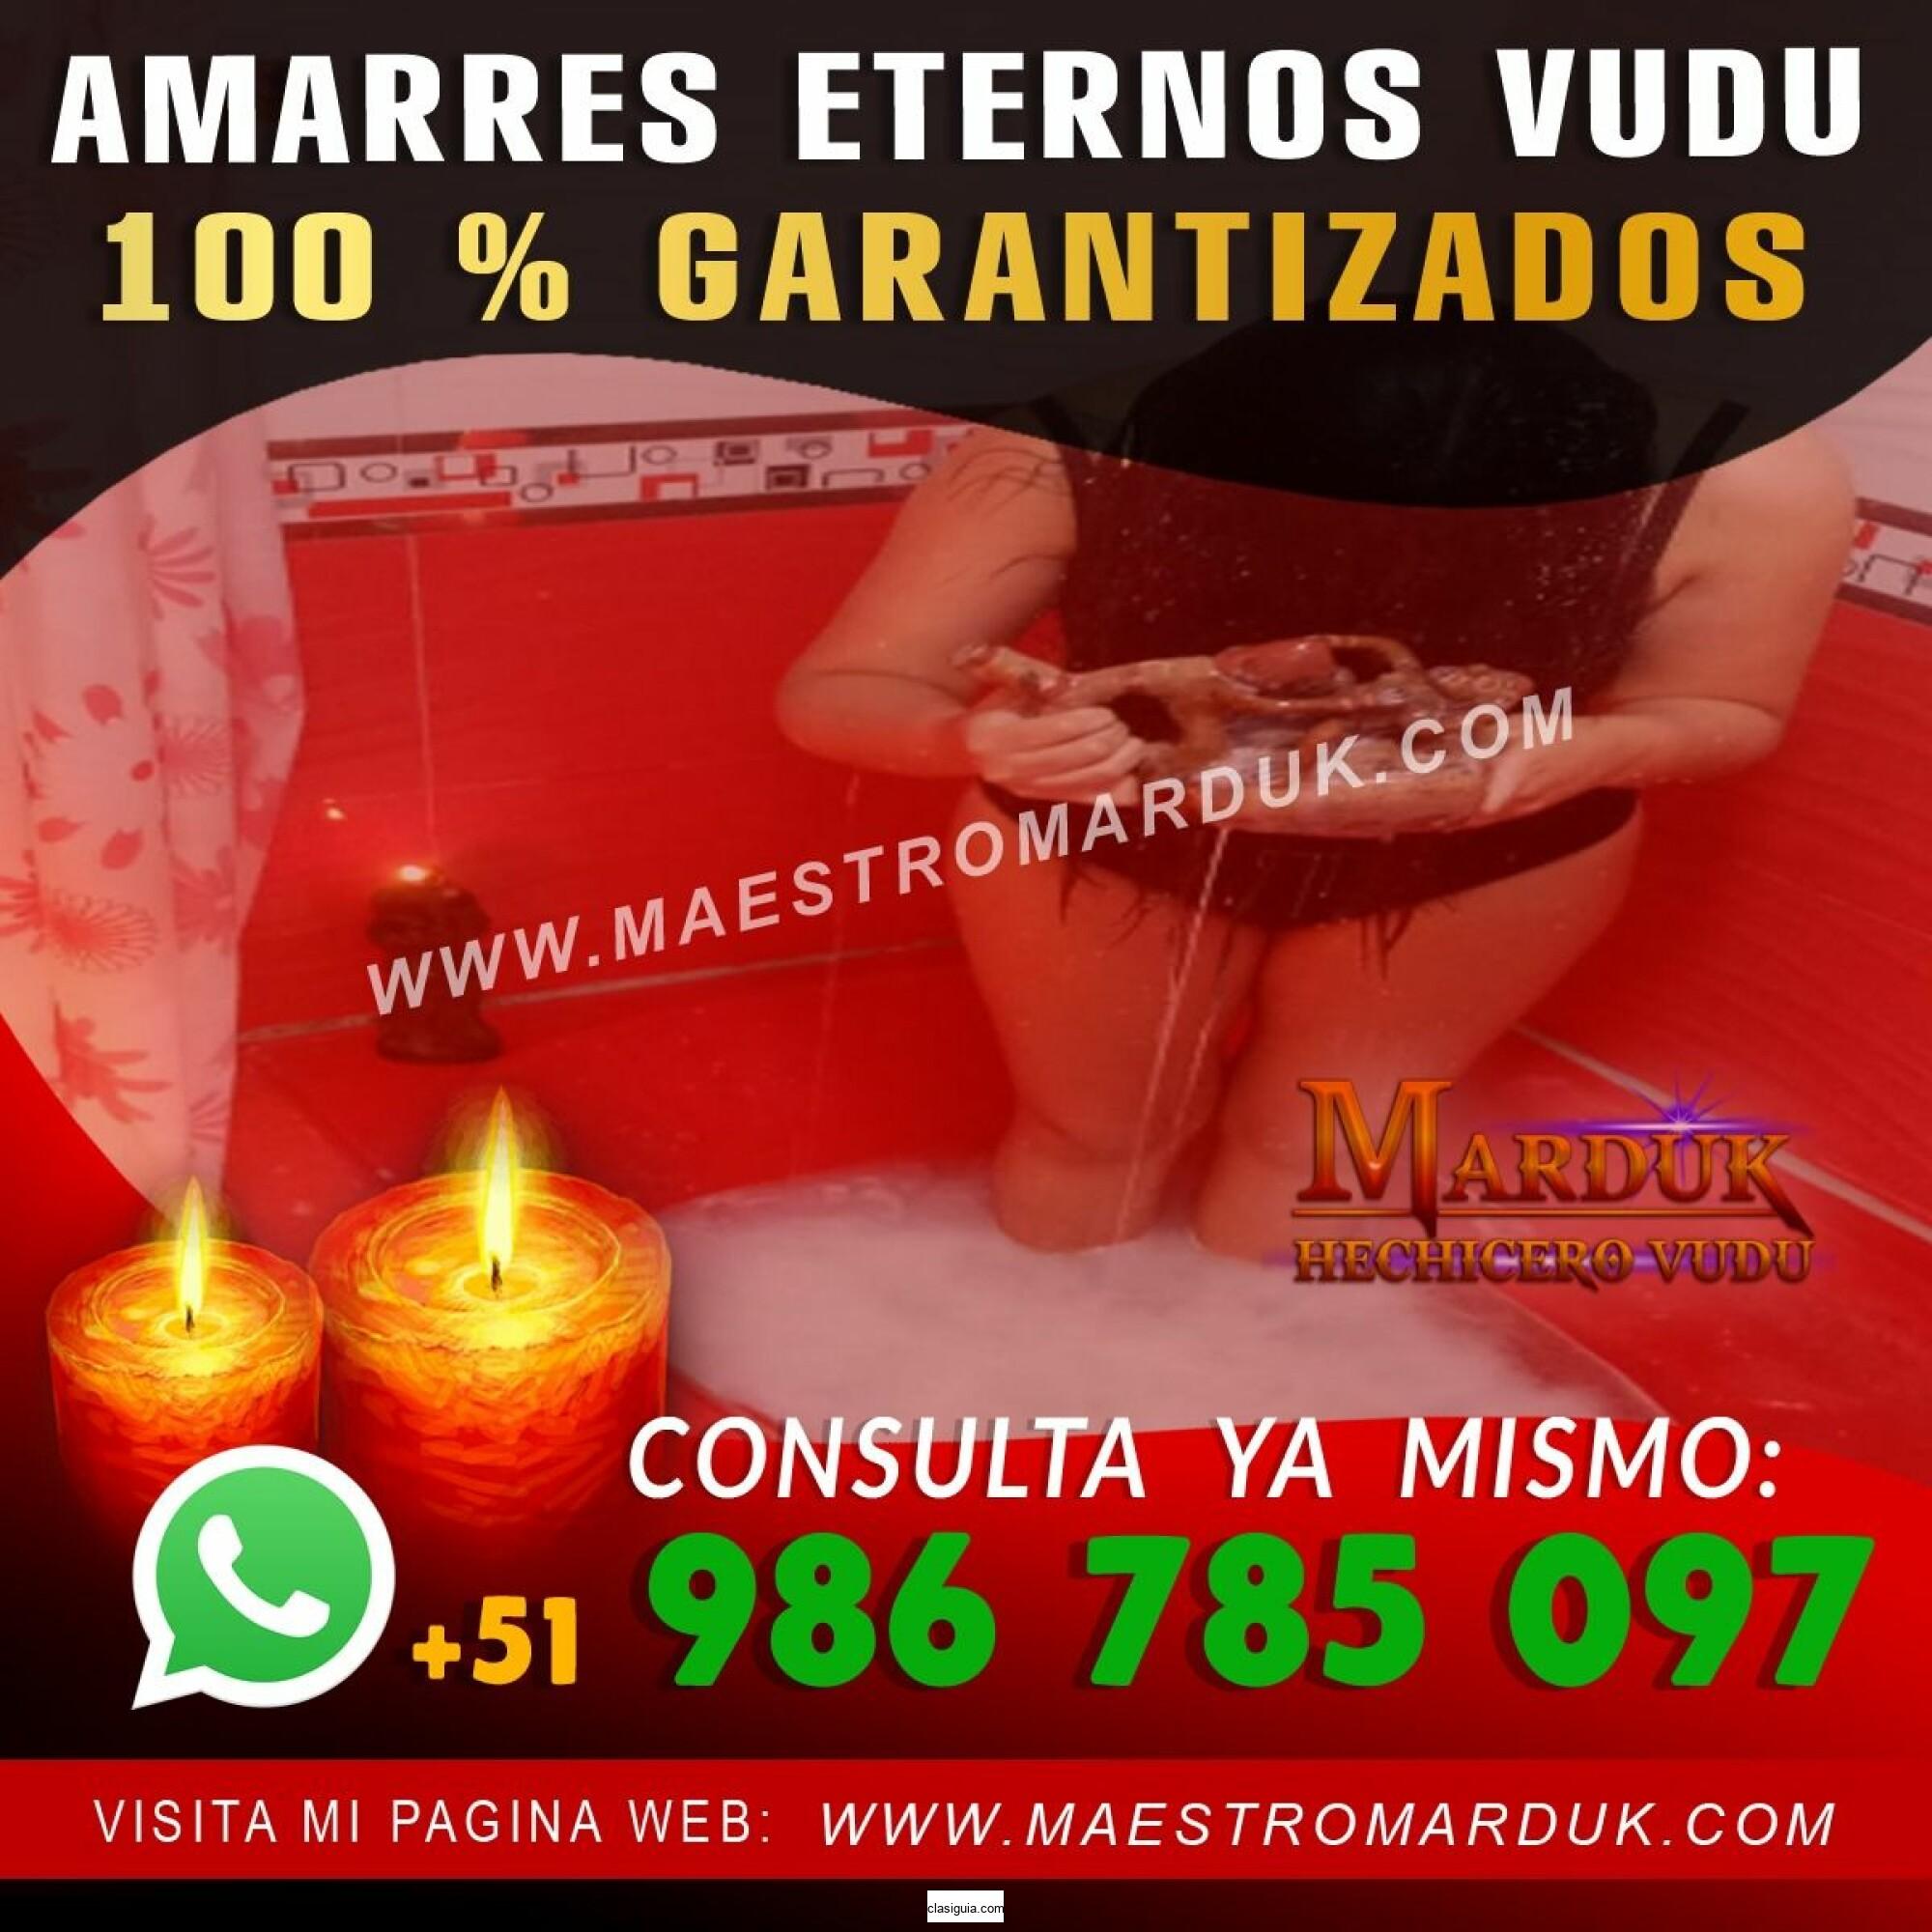 AMARRES DE AMOR EN ALEMANIA -MAESTRO MARDUK